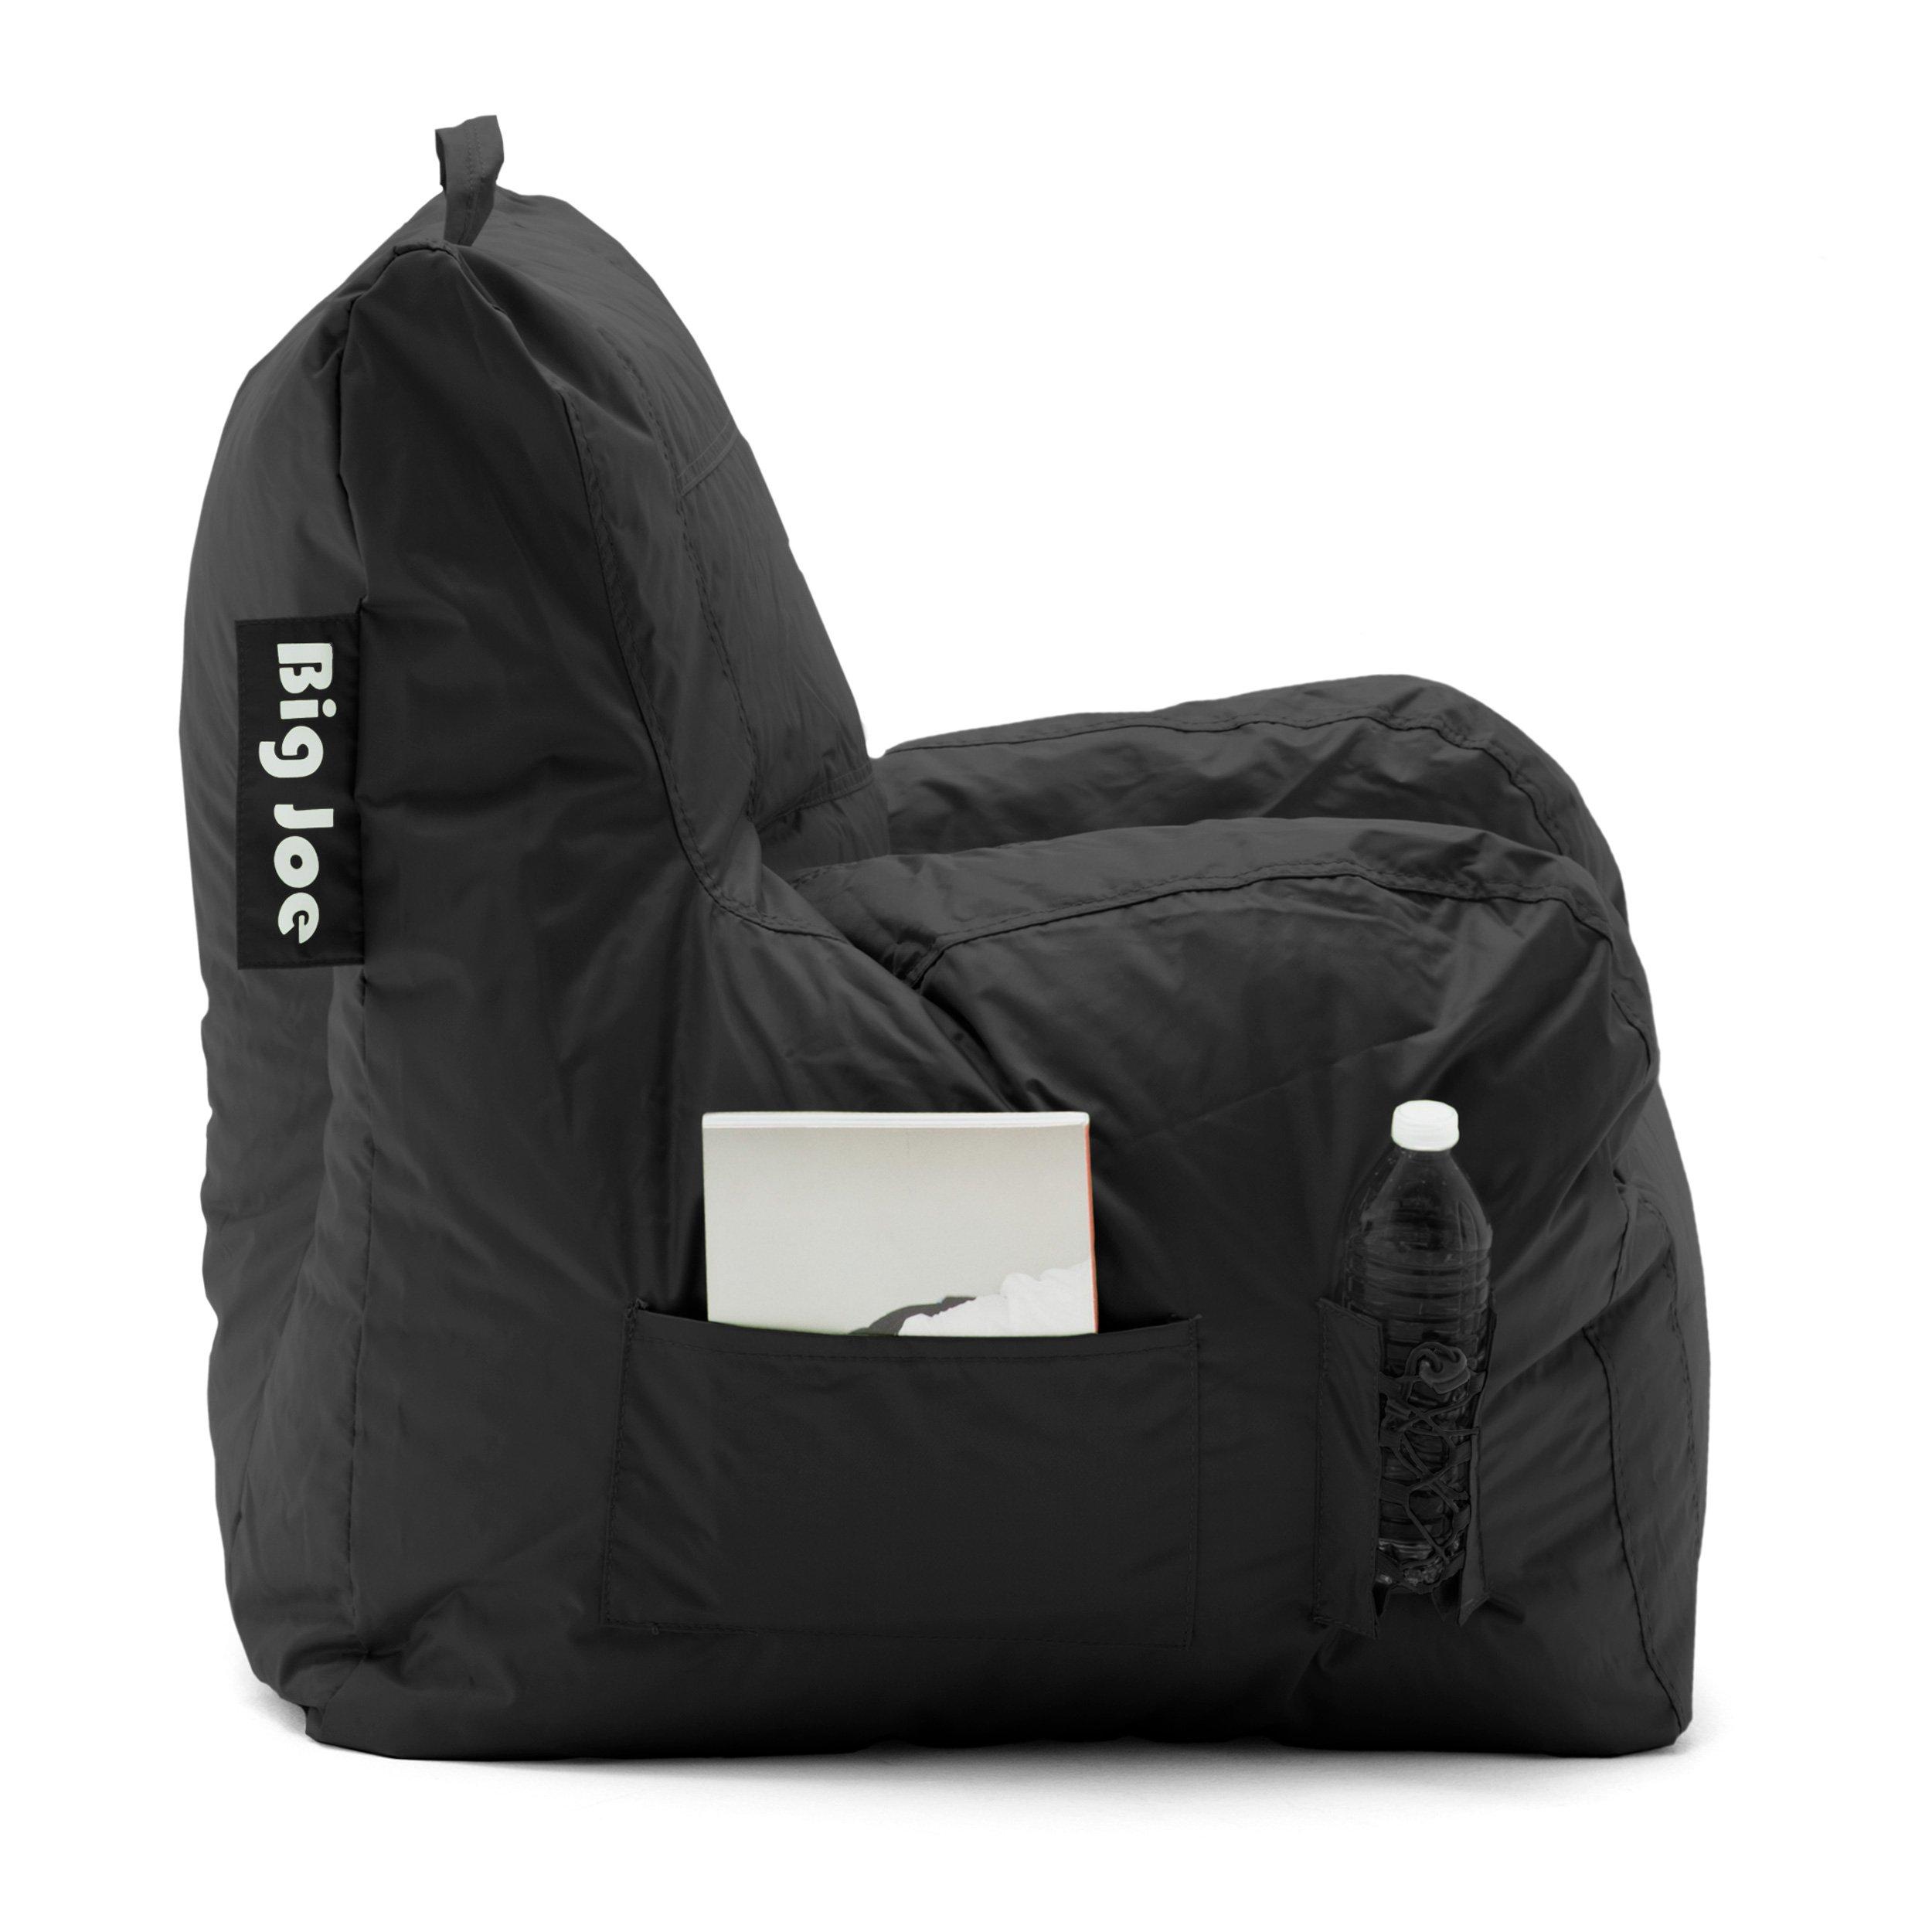 Big Joe Dorm Bean Bag Chair Stretch Limo Black 645602 Bean Bags